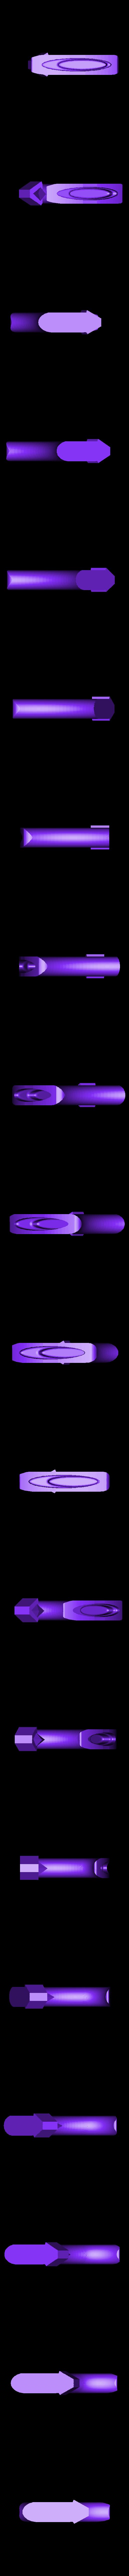 Pipe__-_Front.stl Télécharger fichier STL gratuit Xenos Bug - Moteur de siège • Modèle pour impression 3D, GarinC3D